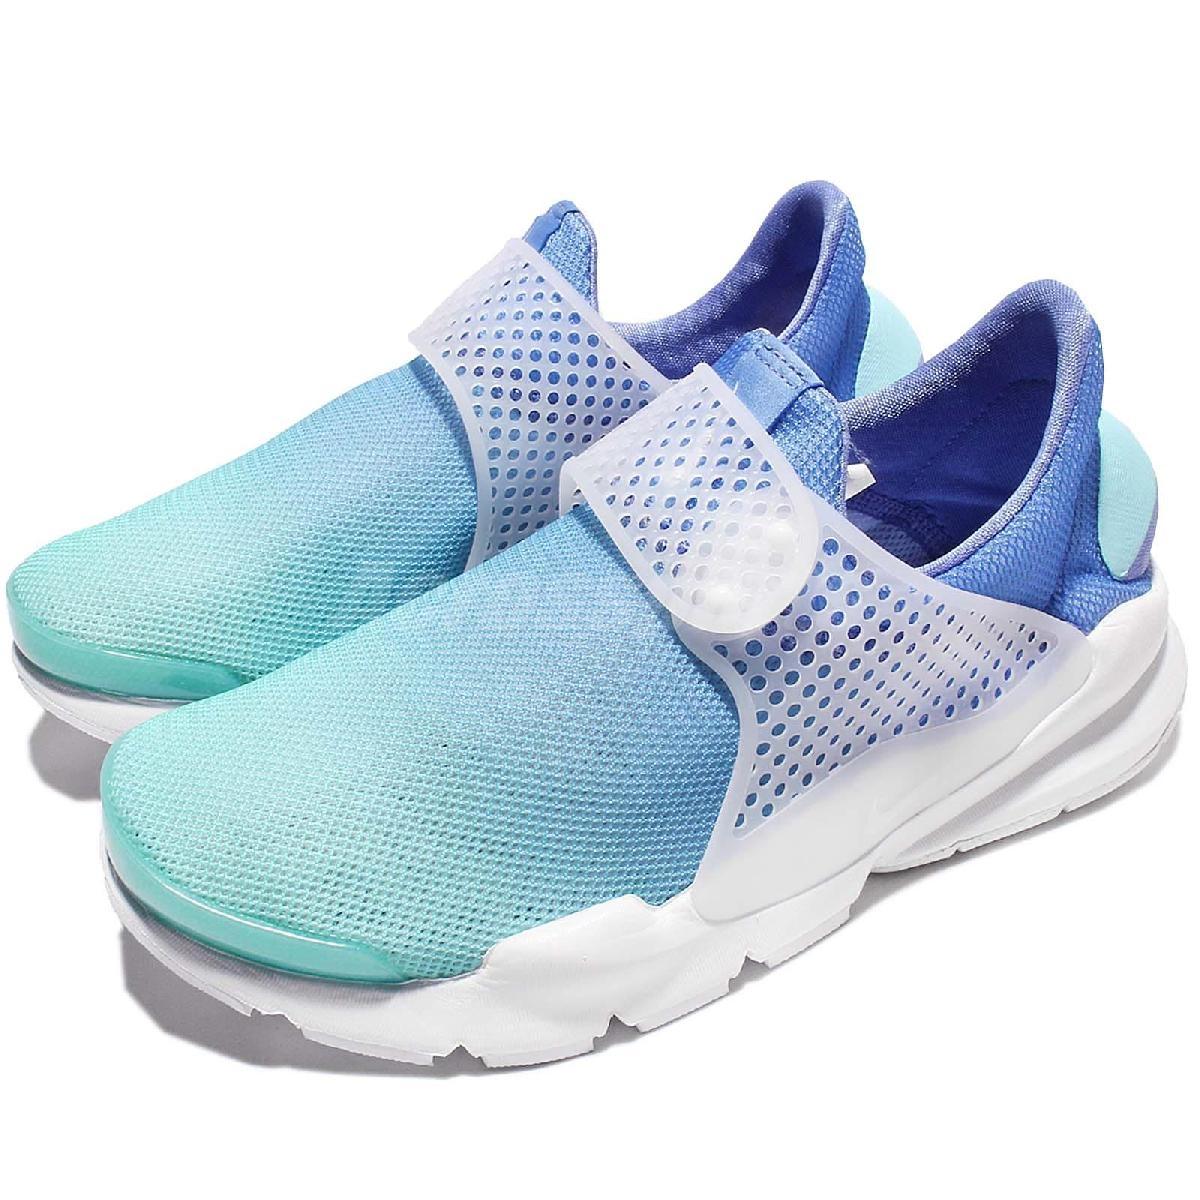 Nike Wmns Sock Dart BR Breeze水藍白漸層襪套球鞋襪子女鞋休閒鞋PUMP306 896446-400